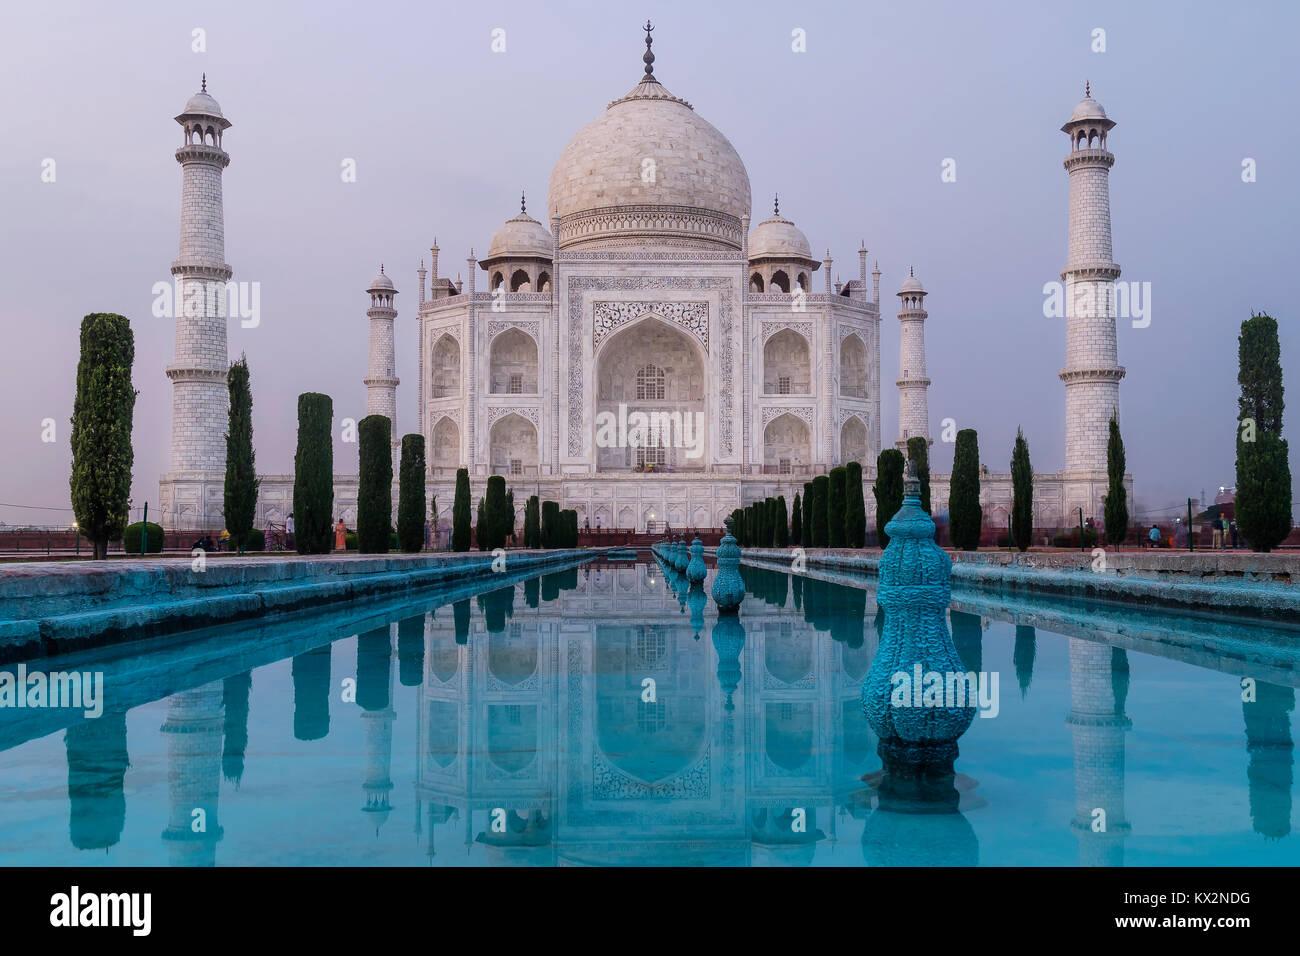 Taj Mahal nella luce della sera, Agra, Uttar Pradesh, India Immagini Stock